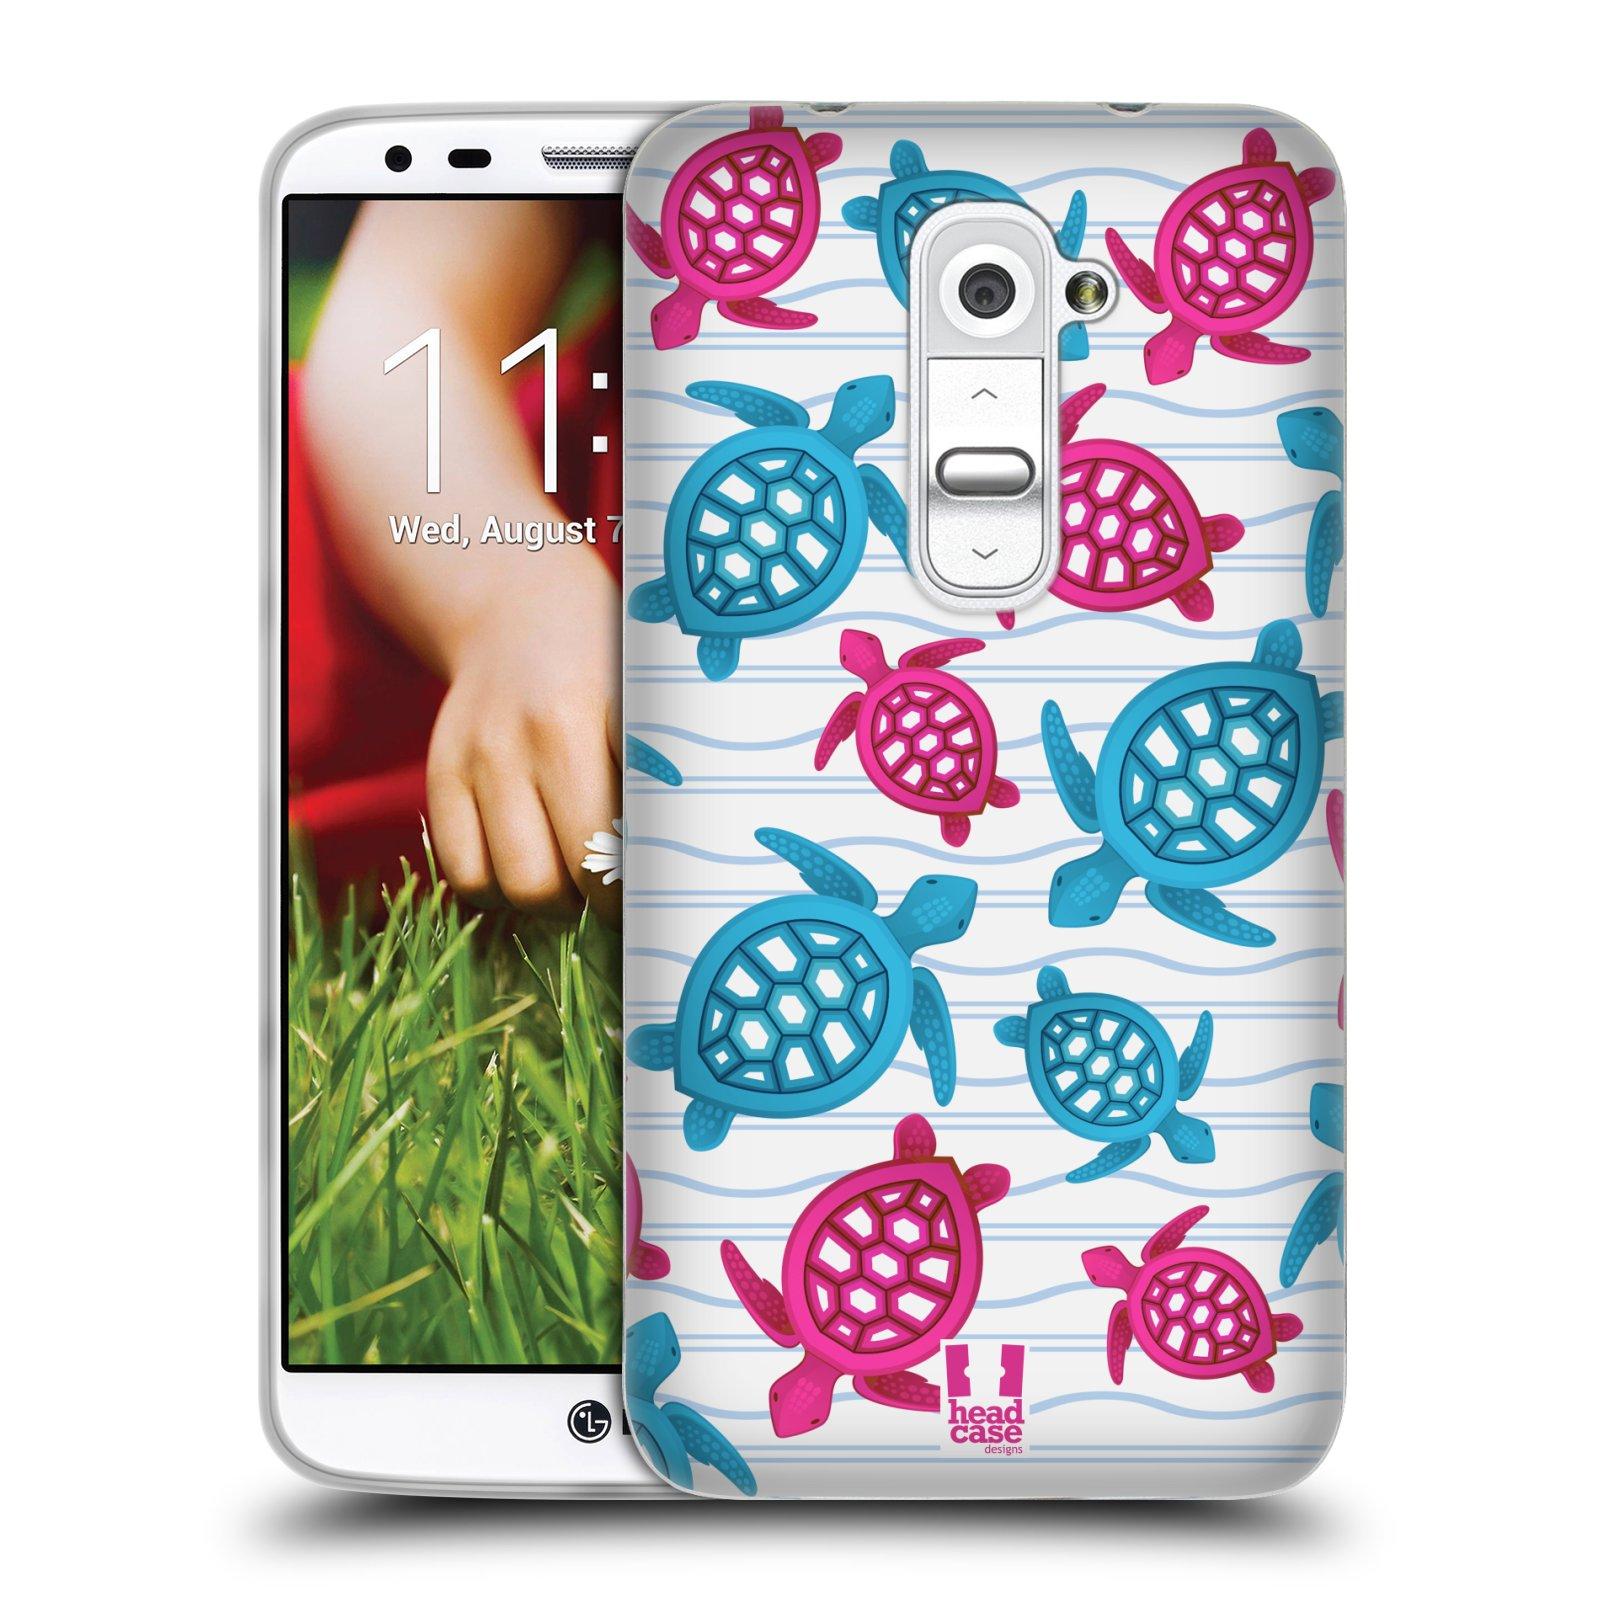 HEAD CASE silikonový obal na mobil LG G2 vzor mořský živočich želva modrá a růžová